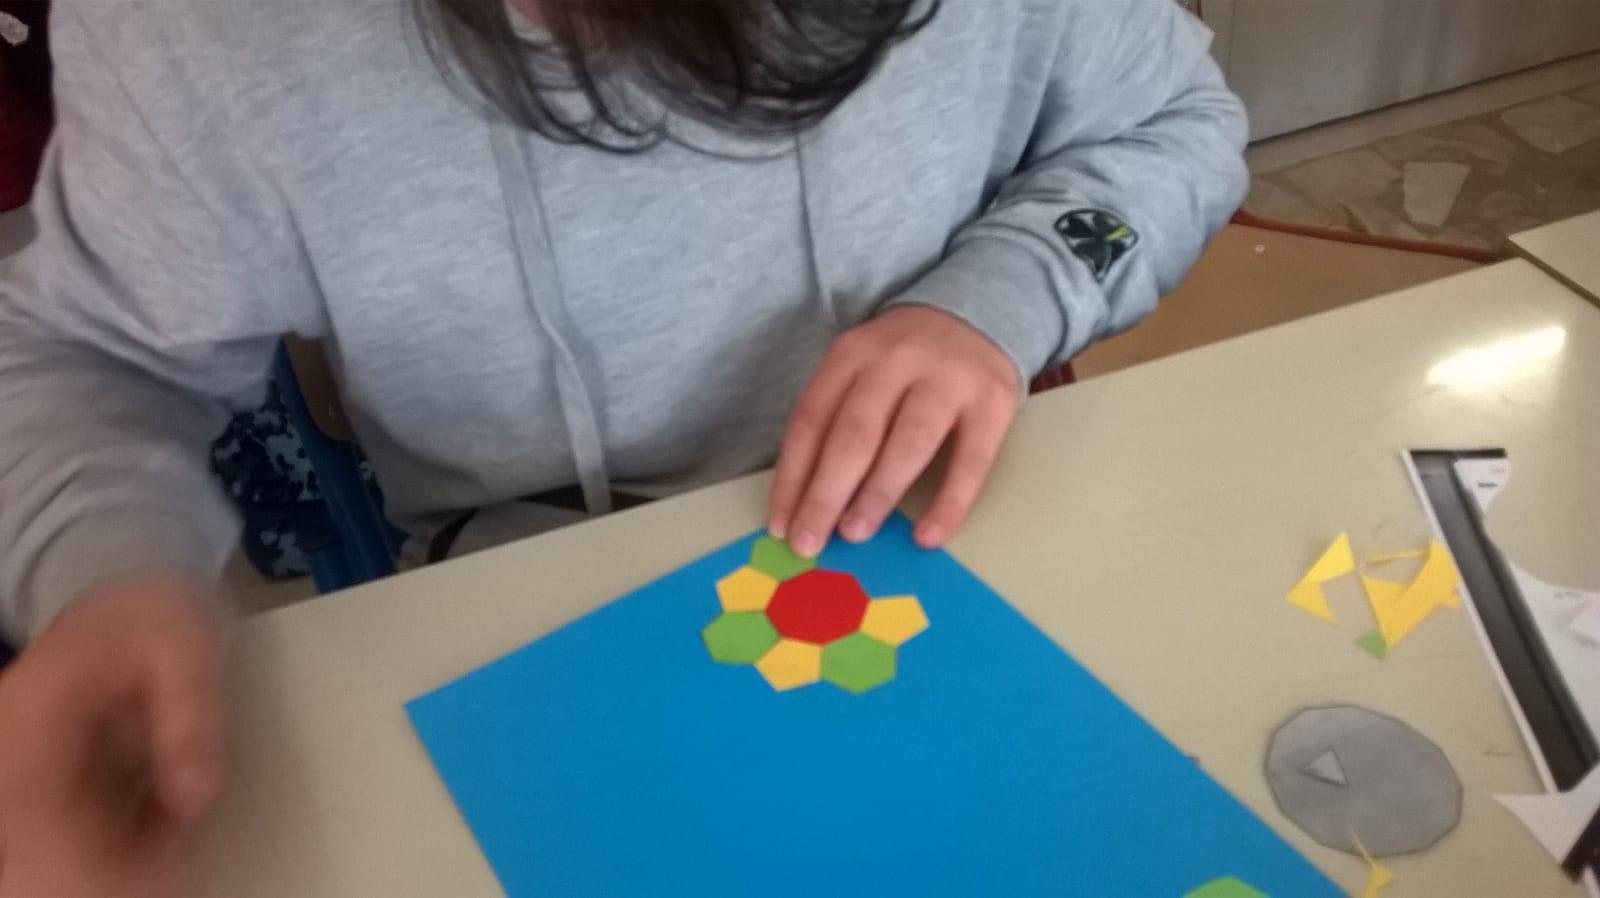 Settimana della flessibilità: Laboratorio di Geometria